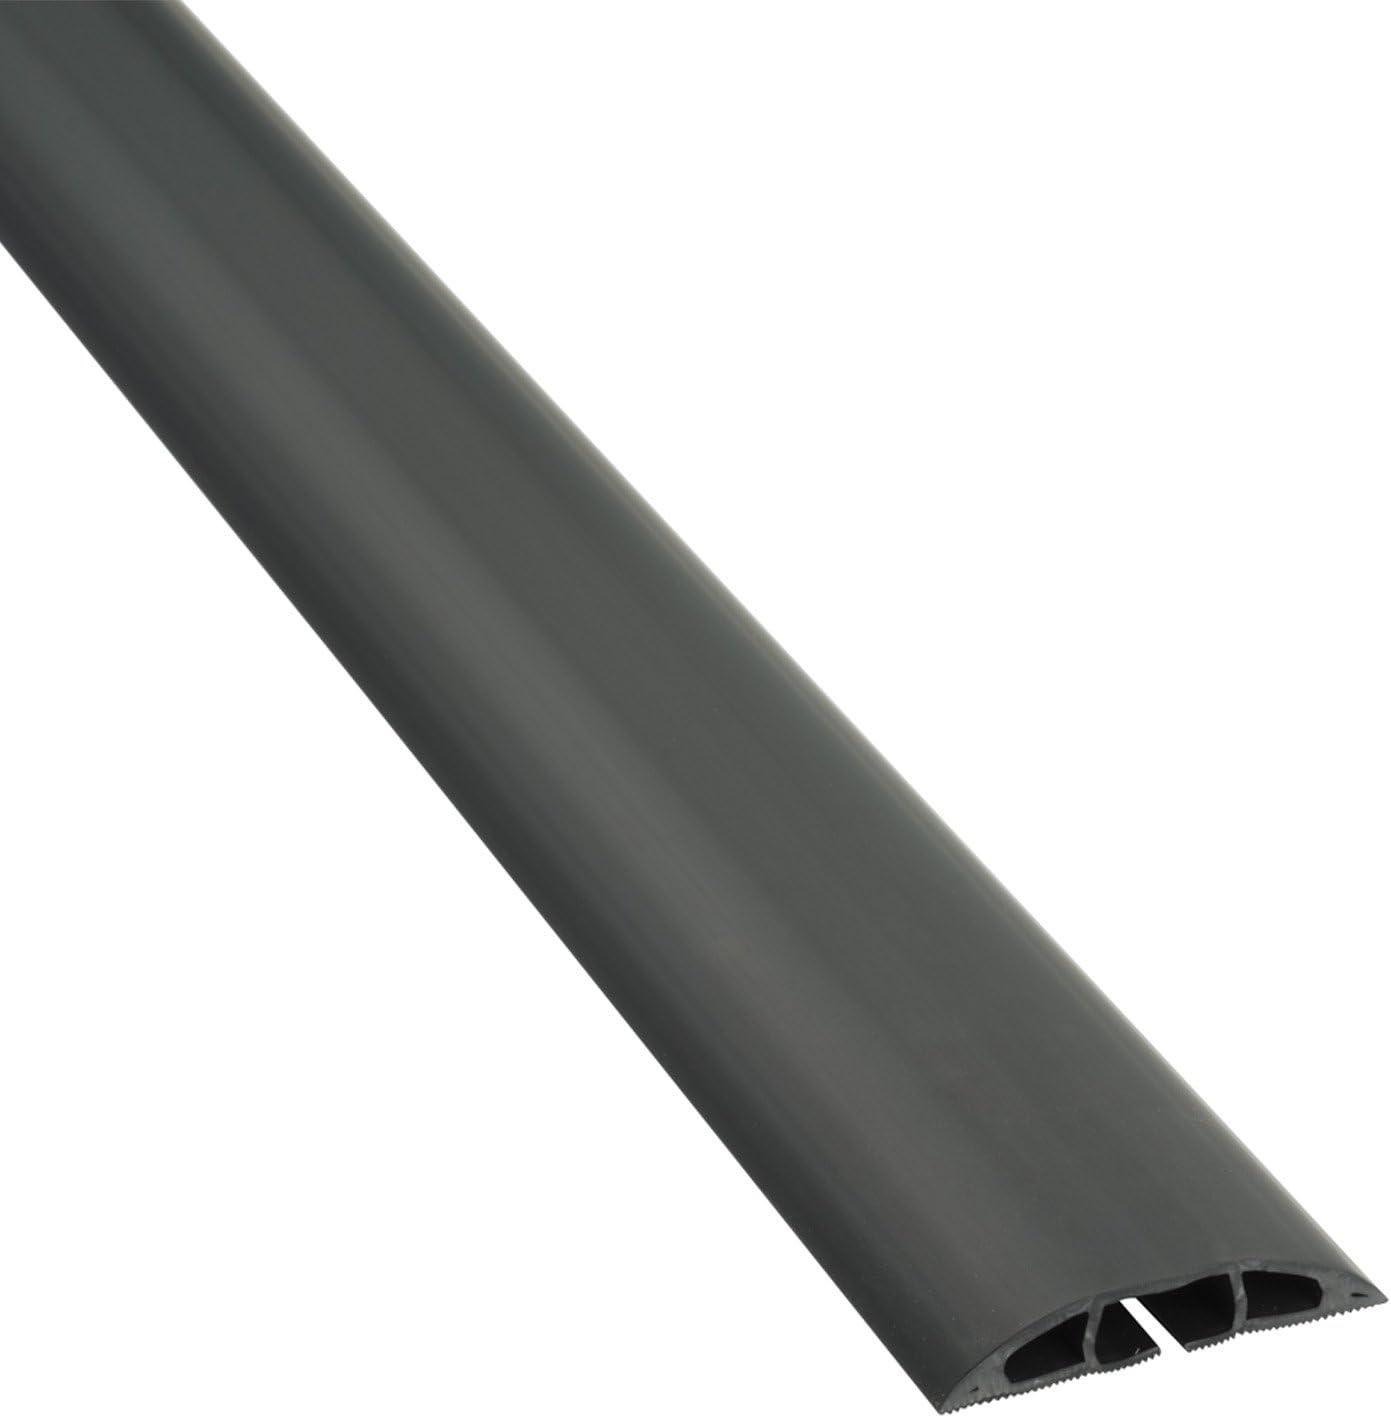 D-Line CC-1 | Canaleta pasacables Cavidad x 60 mm y 1,8 m en color negro | Protector de cables para suelo para el tránsito ligero de personas, 1,8m